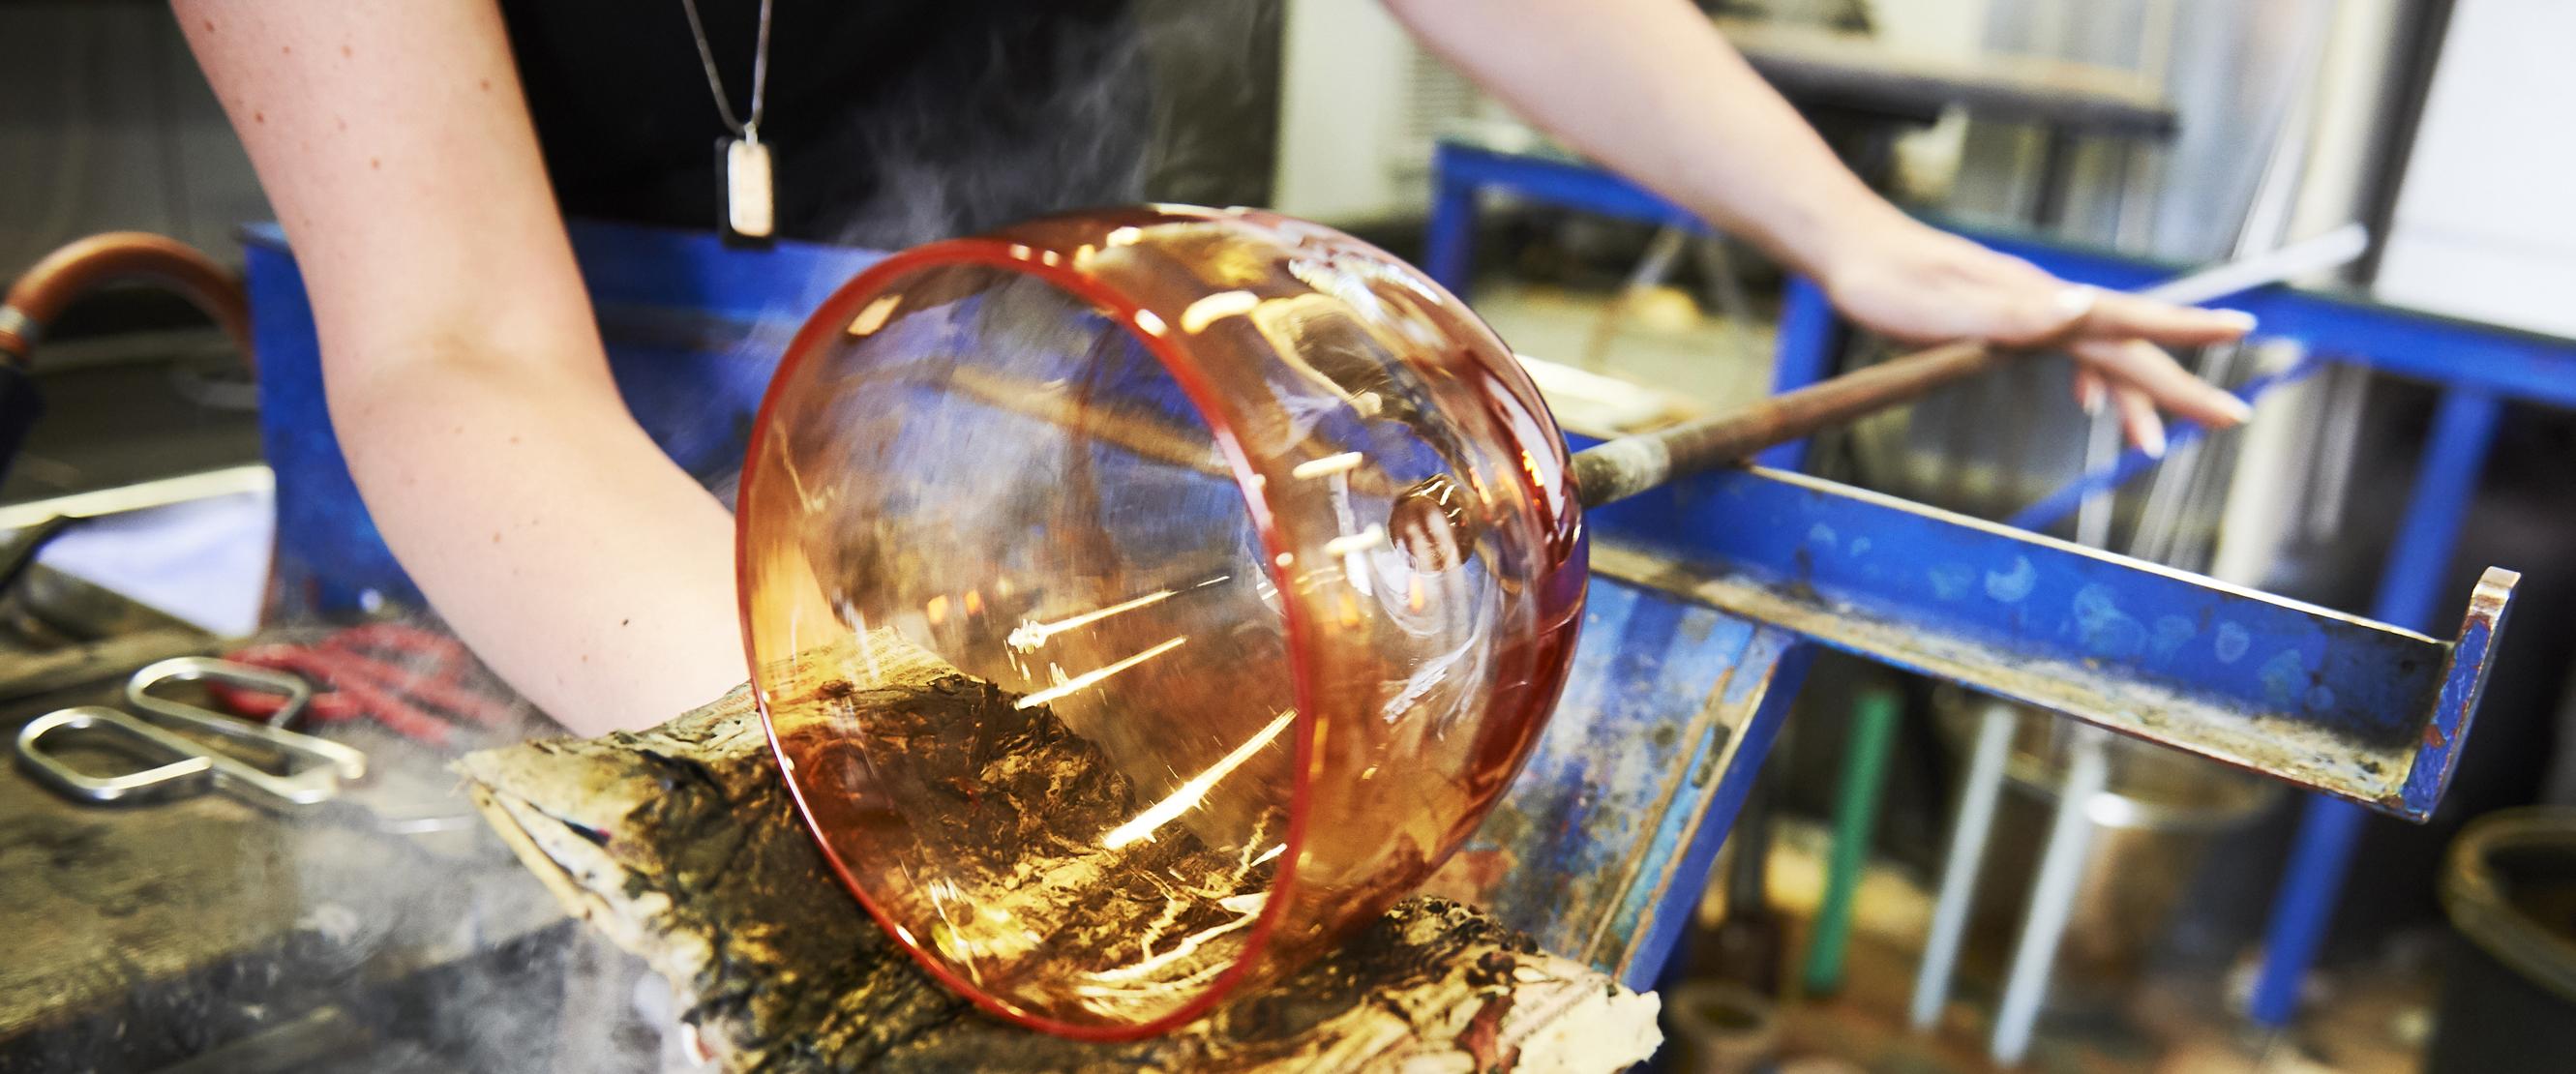 Glaset formas av konstnären på Heta Hyttan